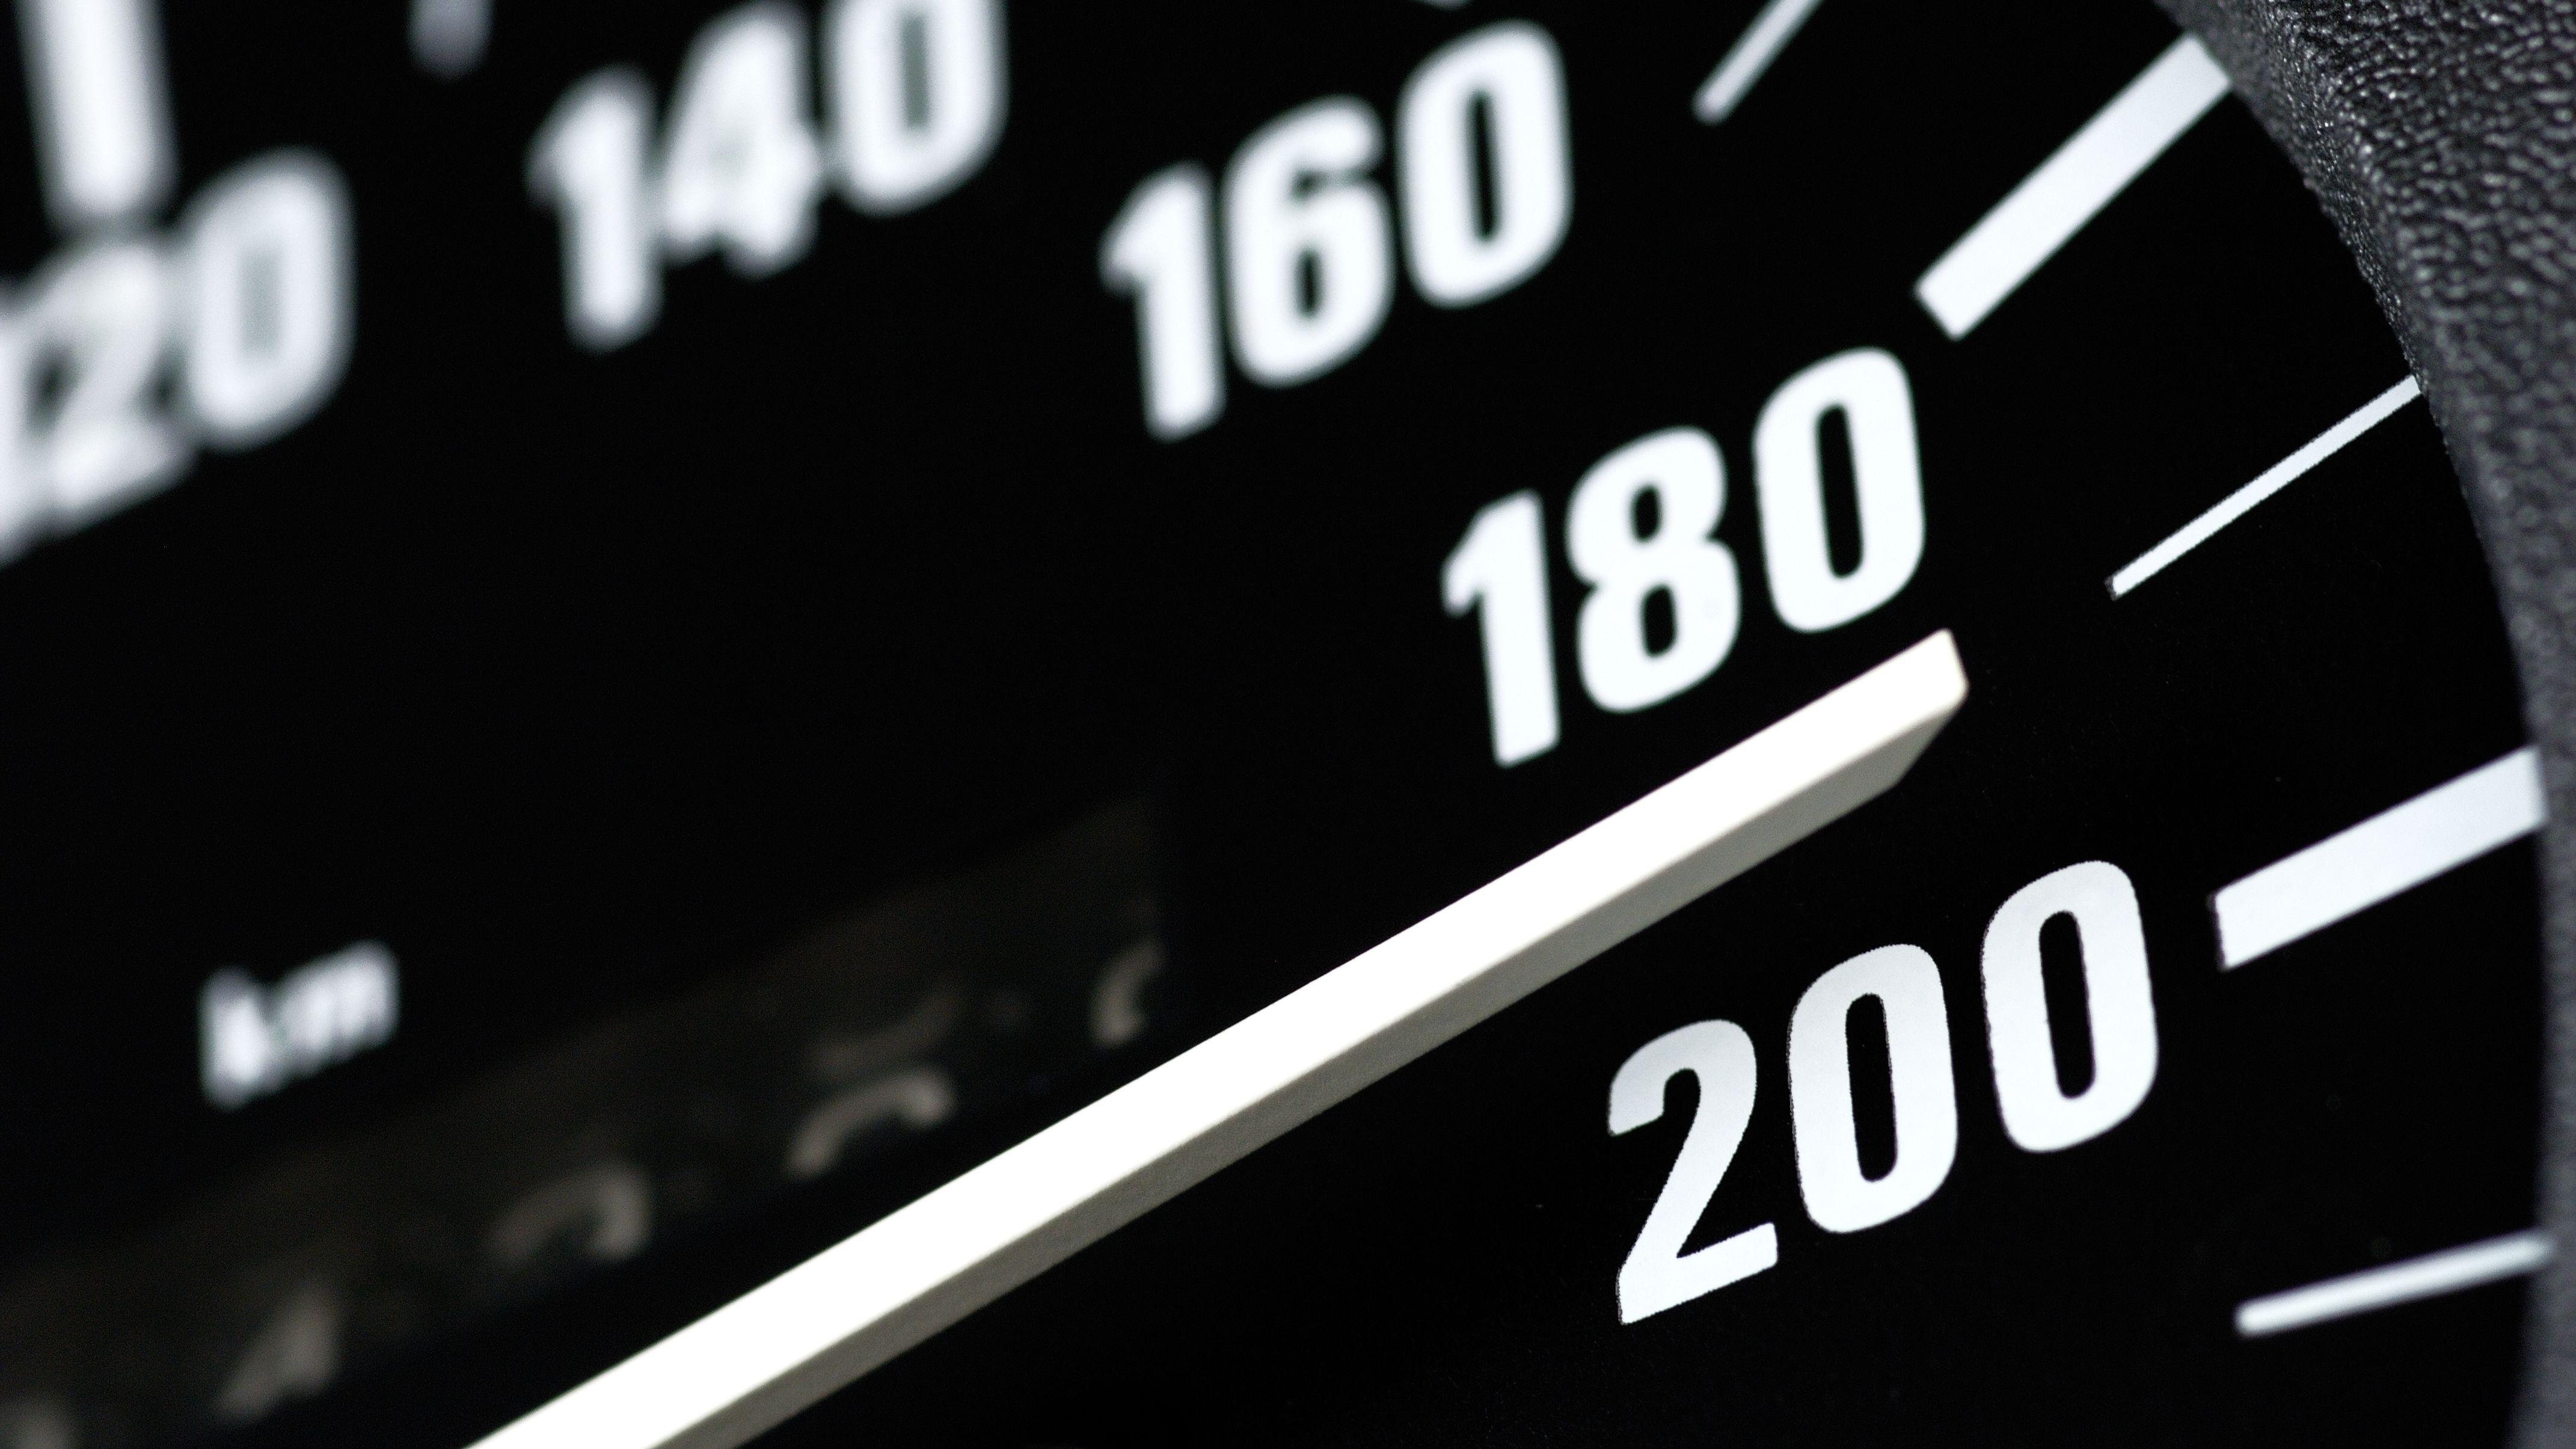 Der Tachometer eines Autos zeigt 190 km/h an